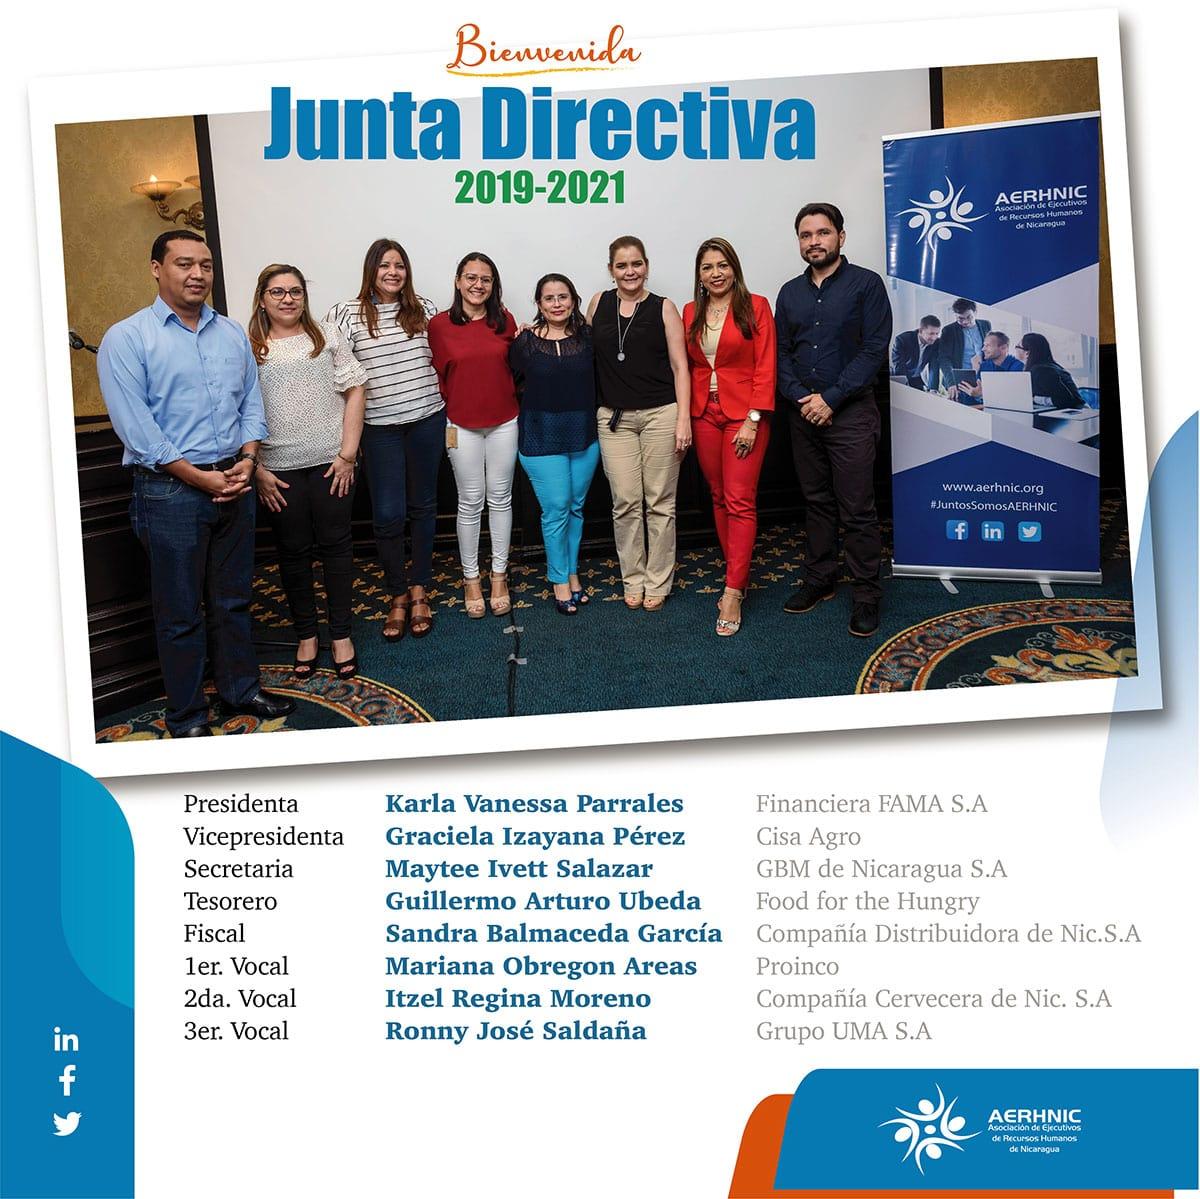 Junta Directiva AERHNIC 2019-2021